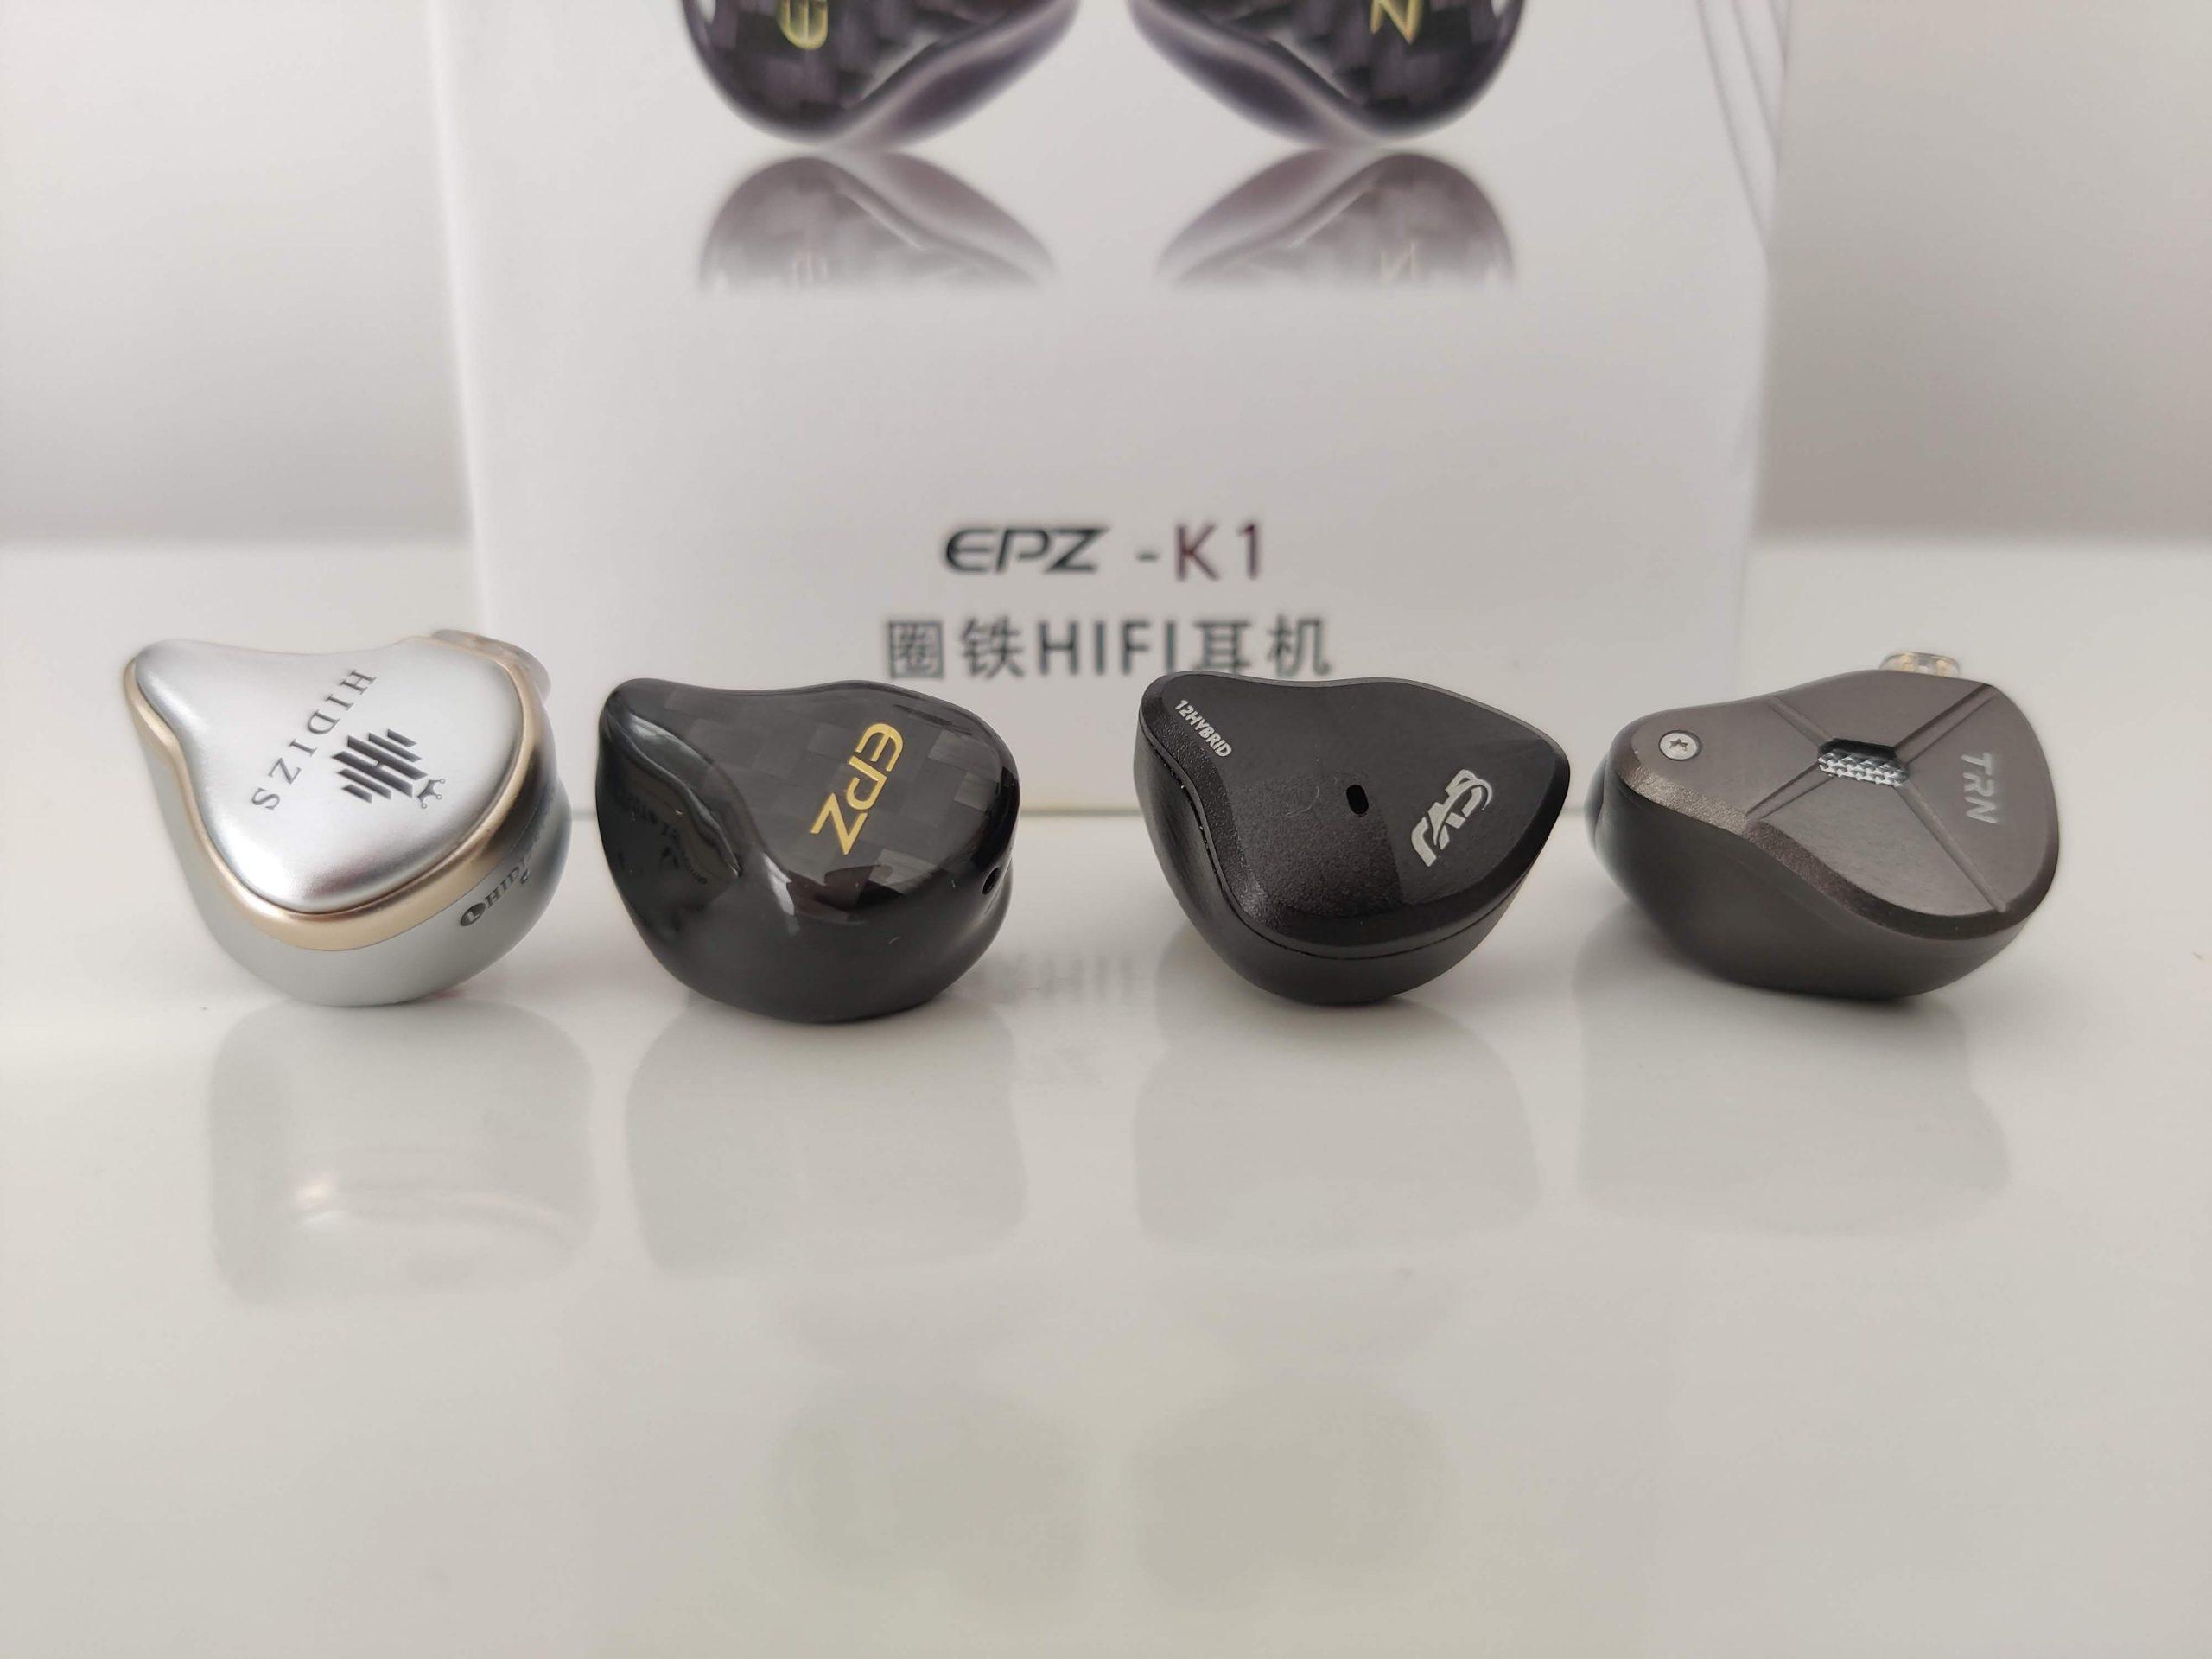 EPZ K1 et écouteurs ChiFi